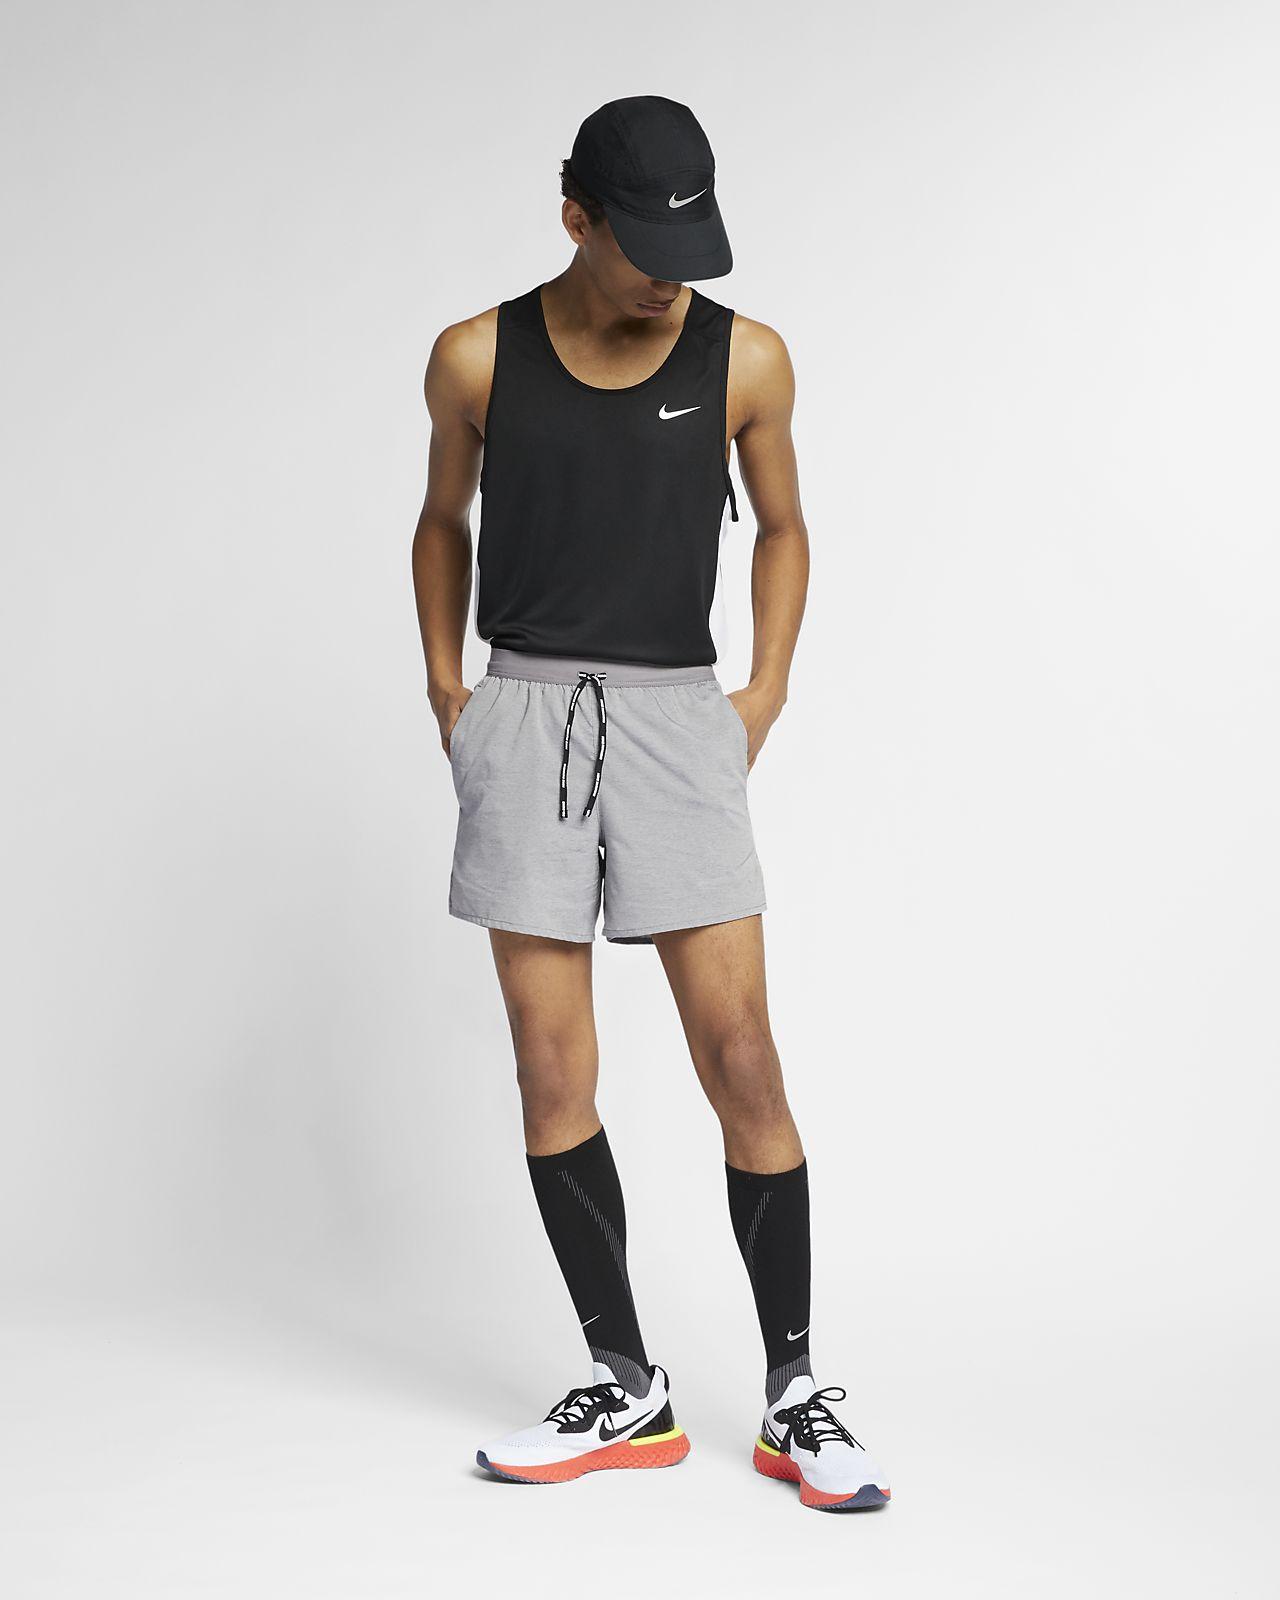 37a47b77134b2 Nike Flex Stride Men s 5